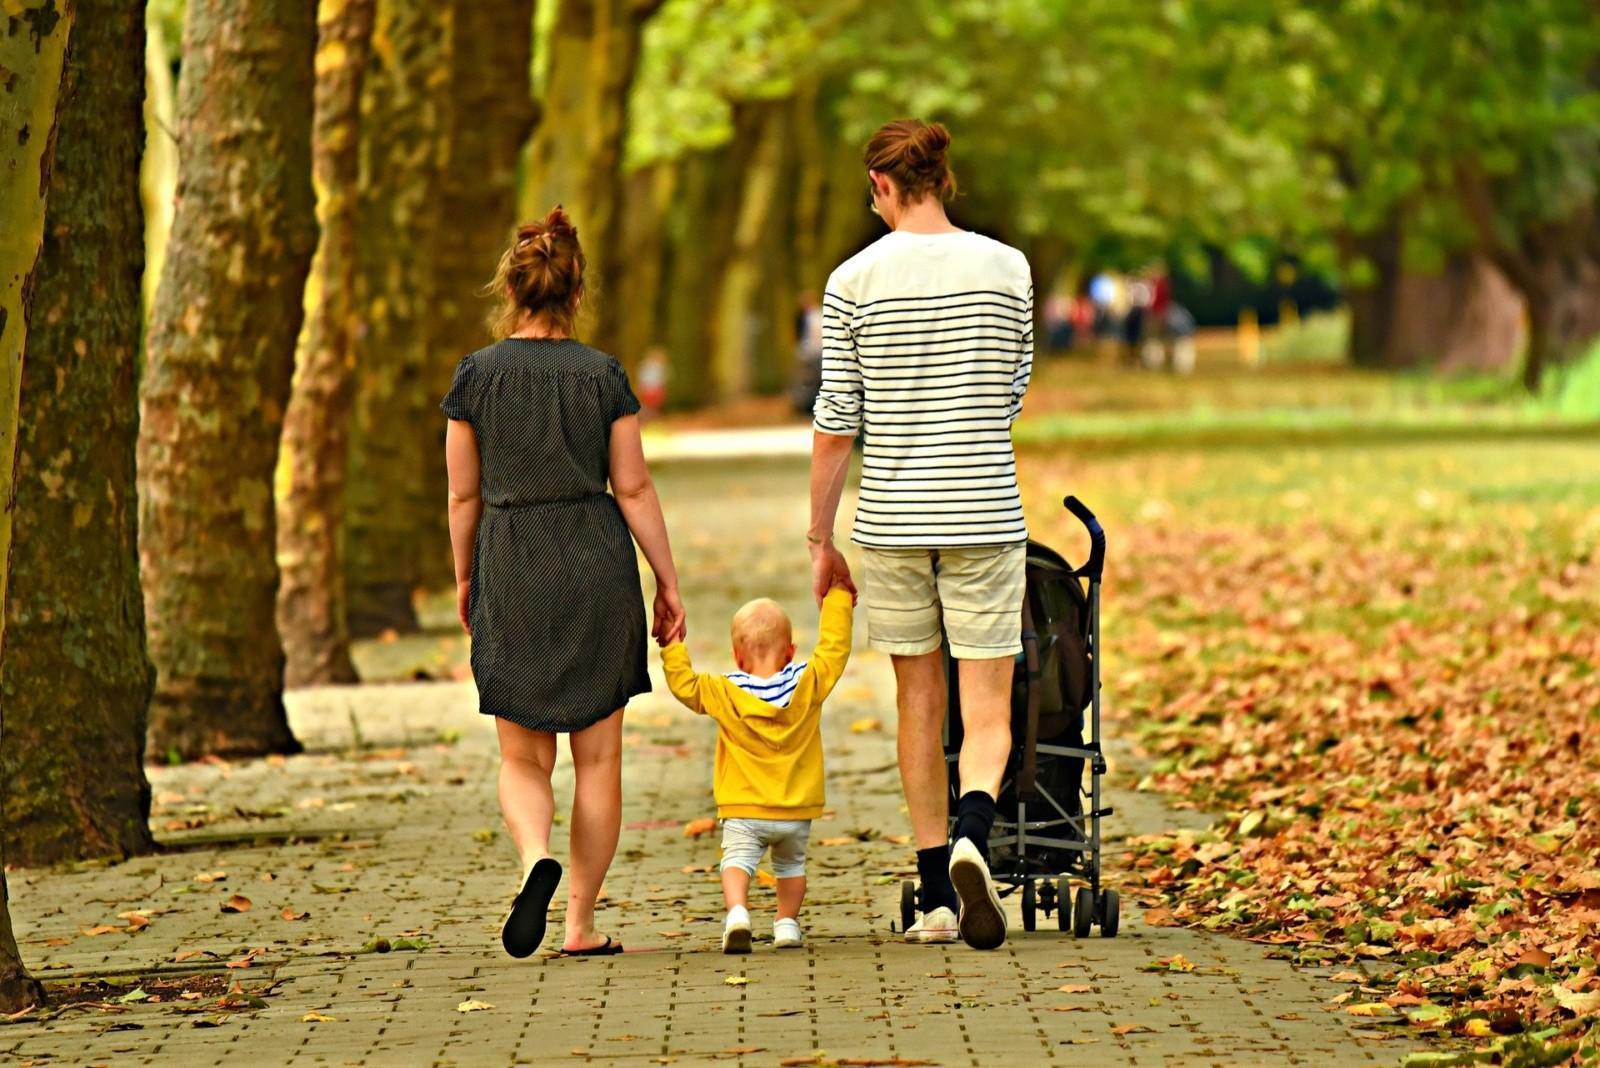 Nainen, mies ja pieni lapsi kävelevät käsi kädessä syksyisessä puistossa. Mies työntää lastenvaunuja.